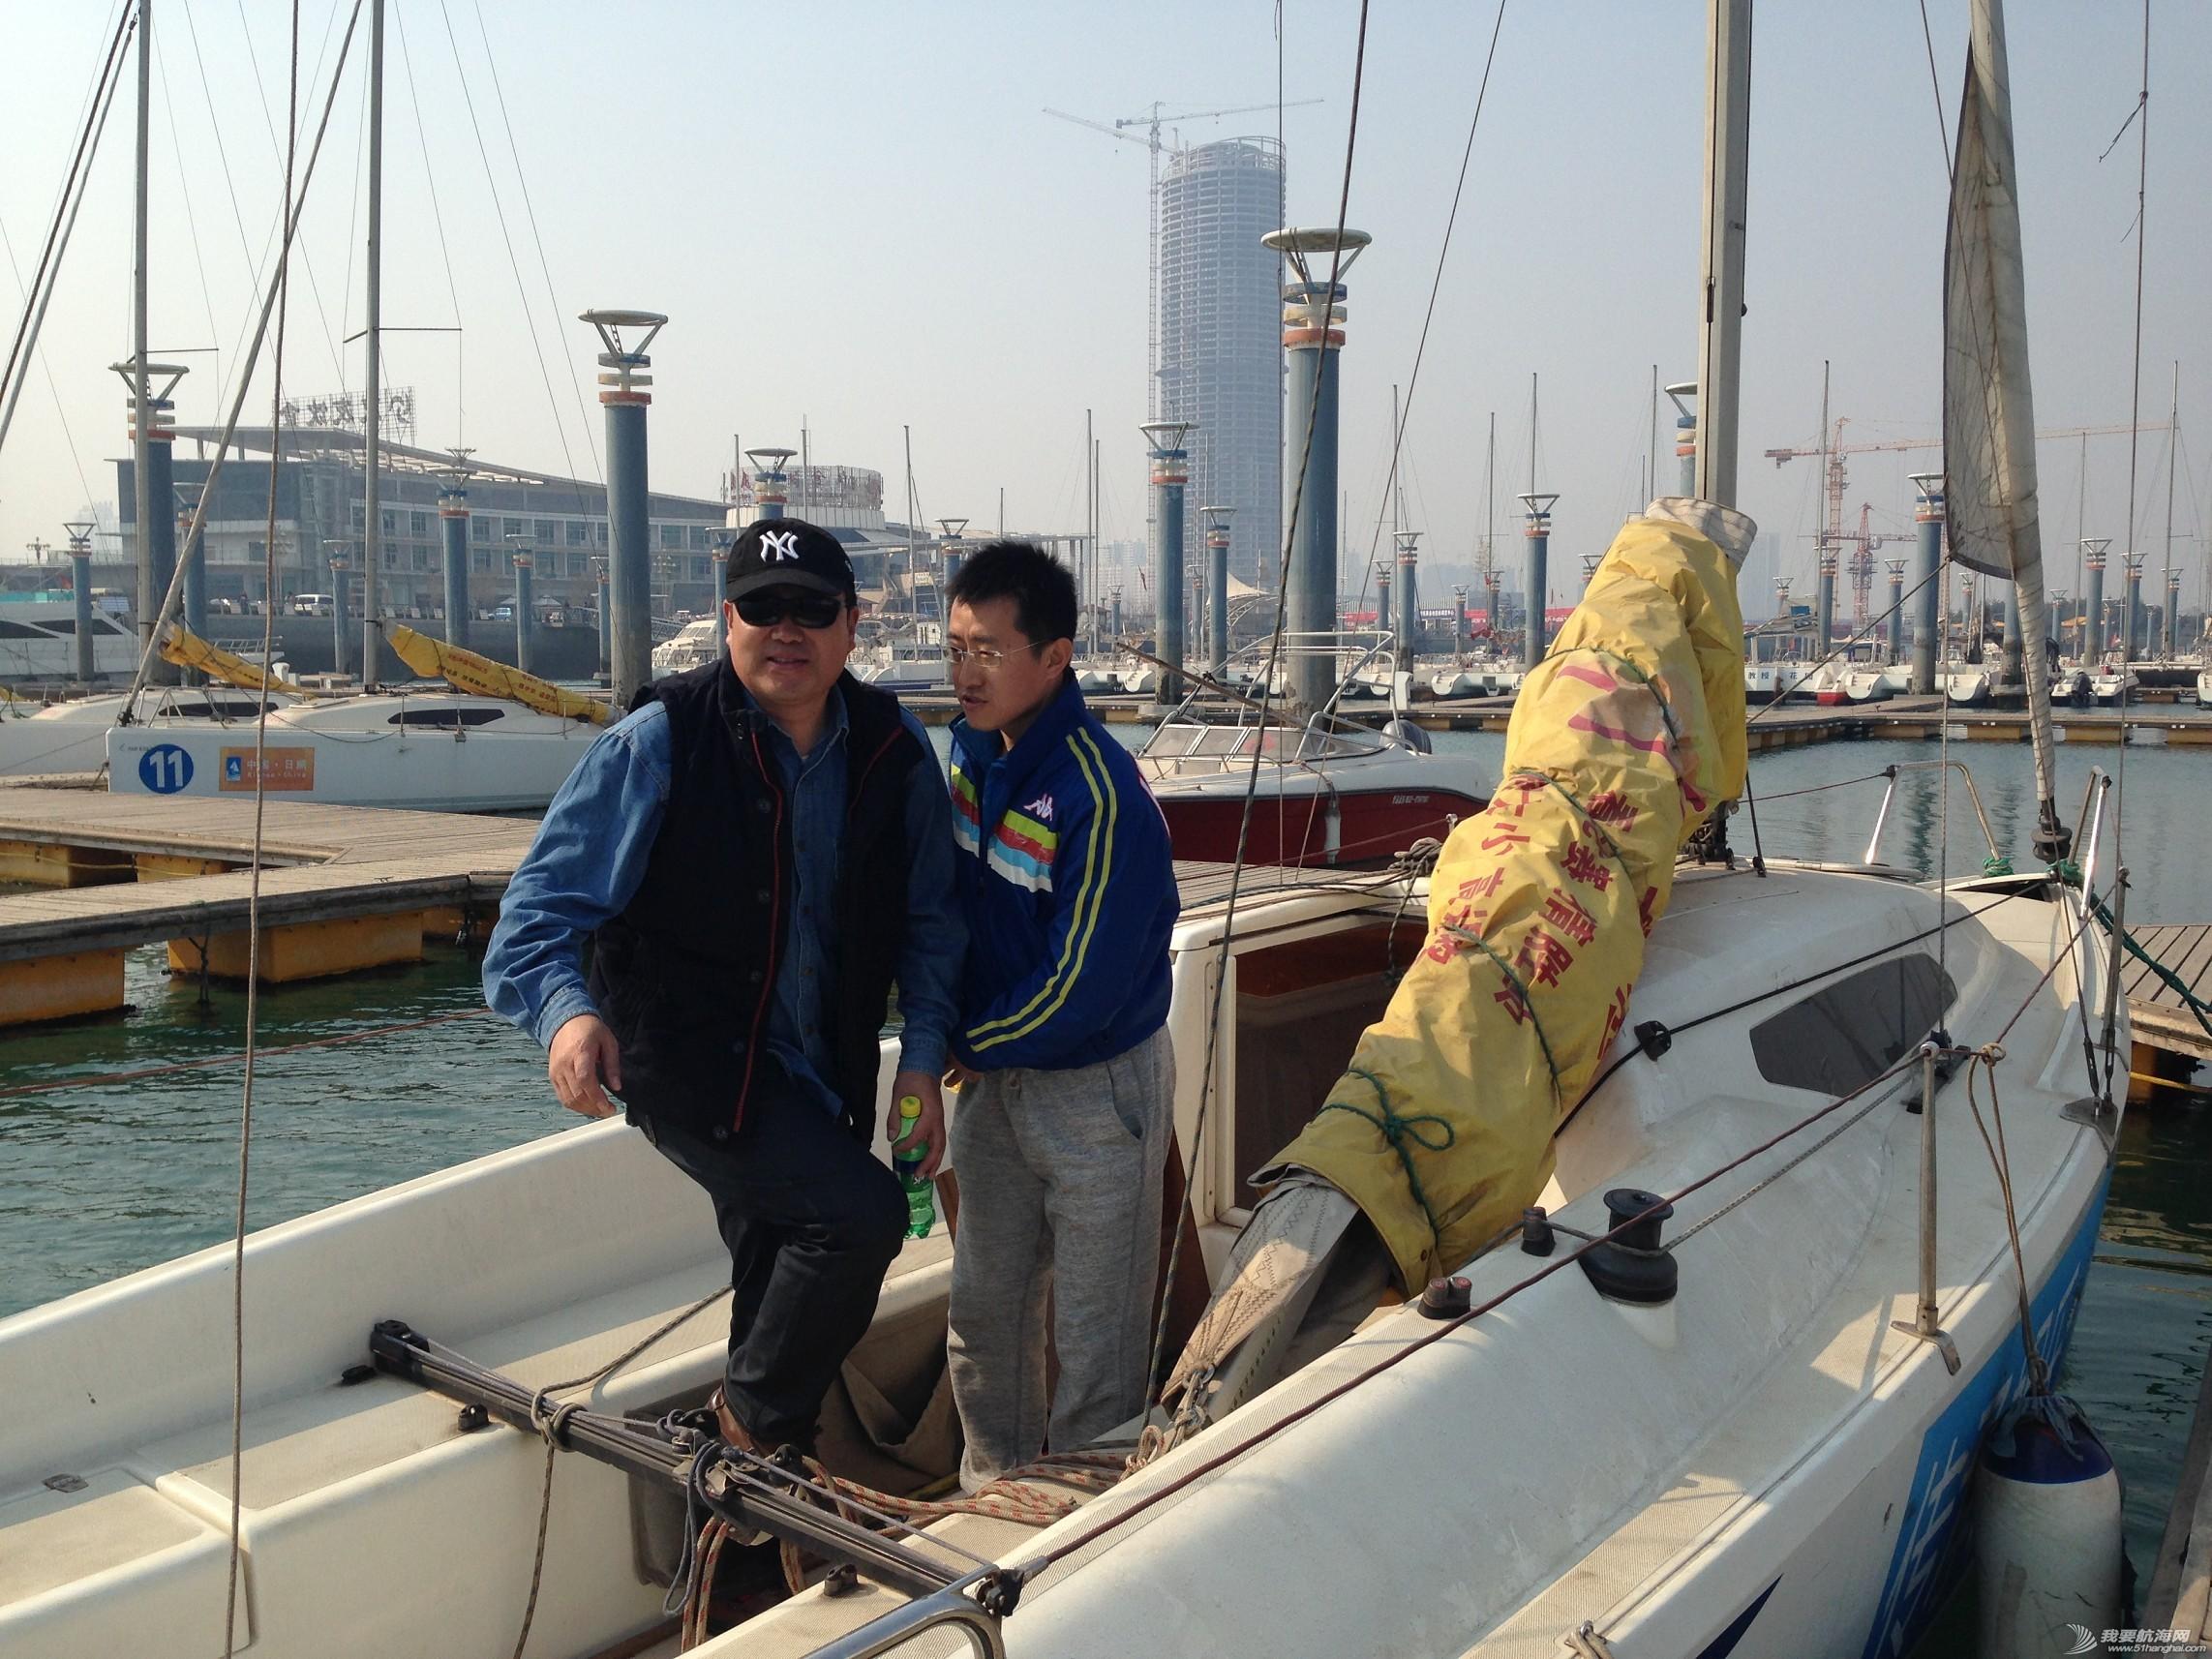 俱乐部,帆船 俱乐部周末参观大帆船 IMG_2780_眸目压缩.JPG